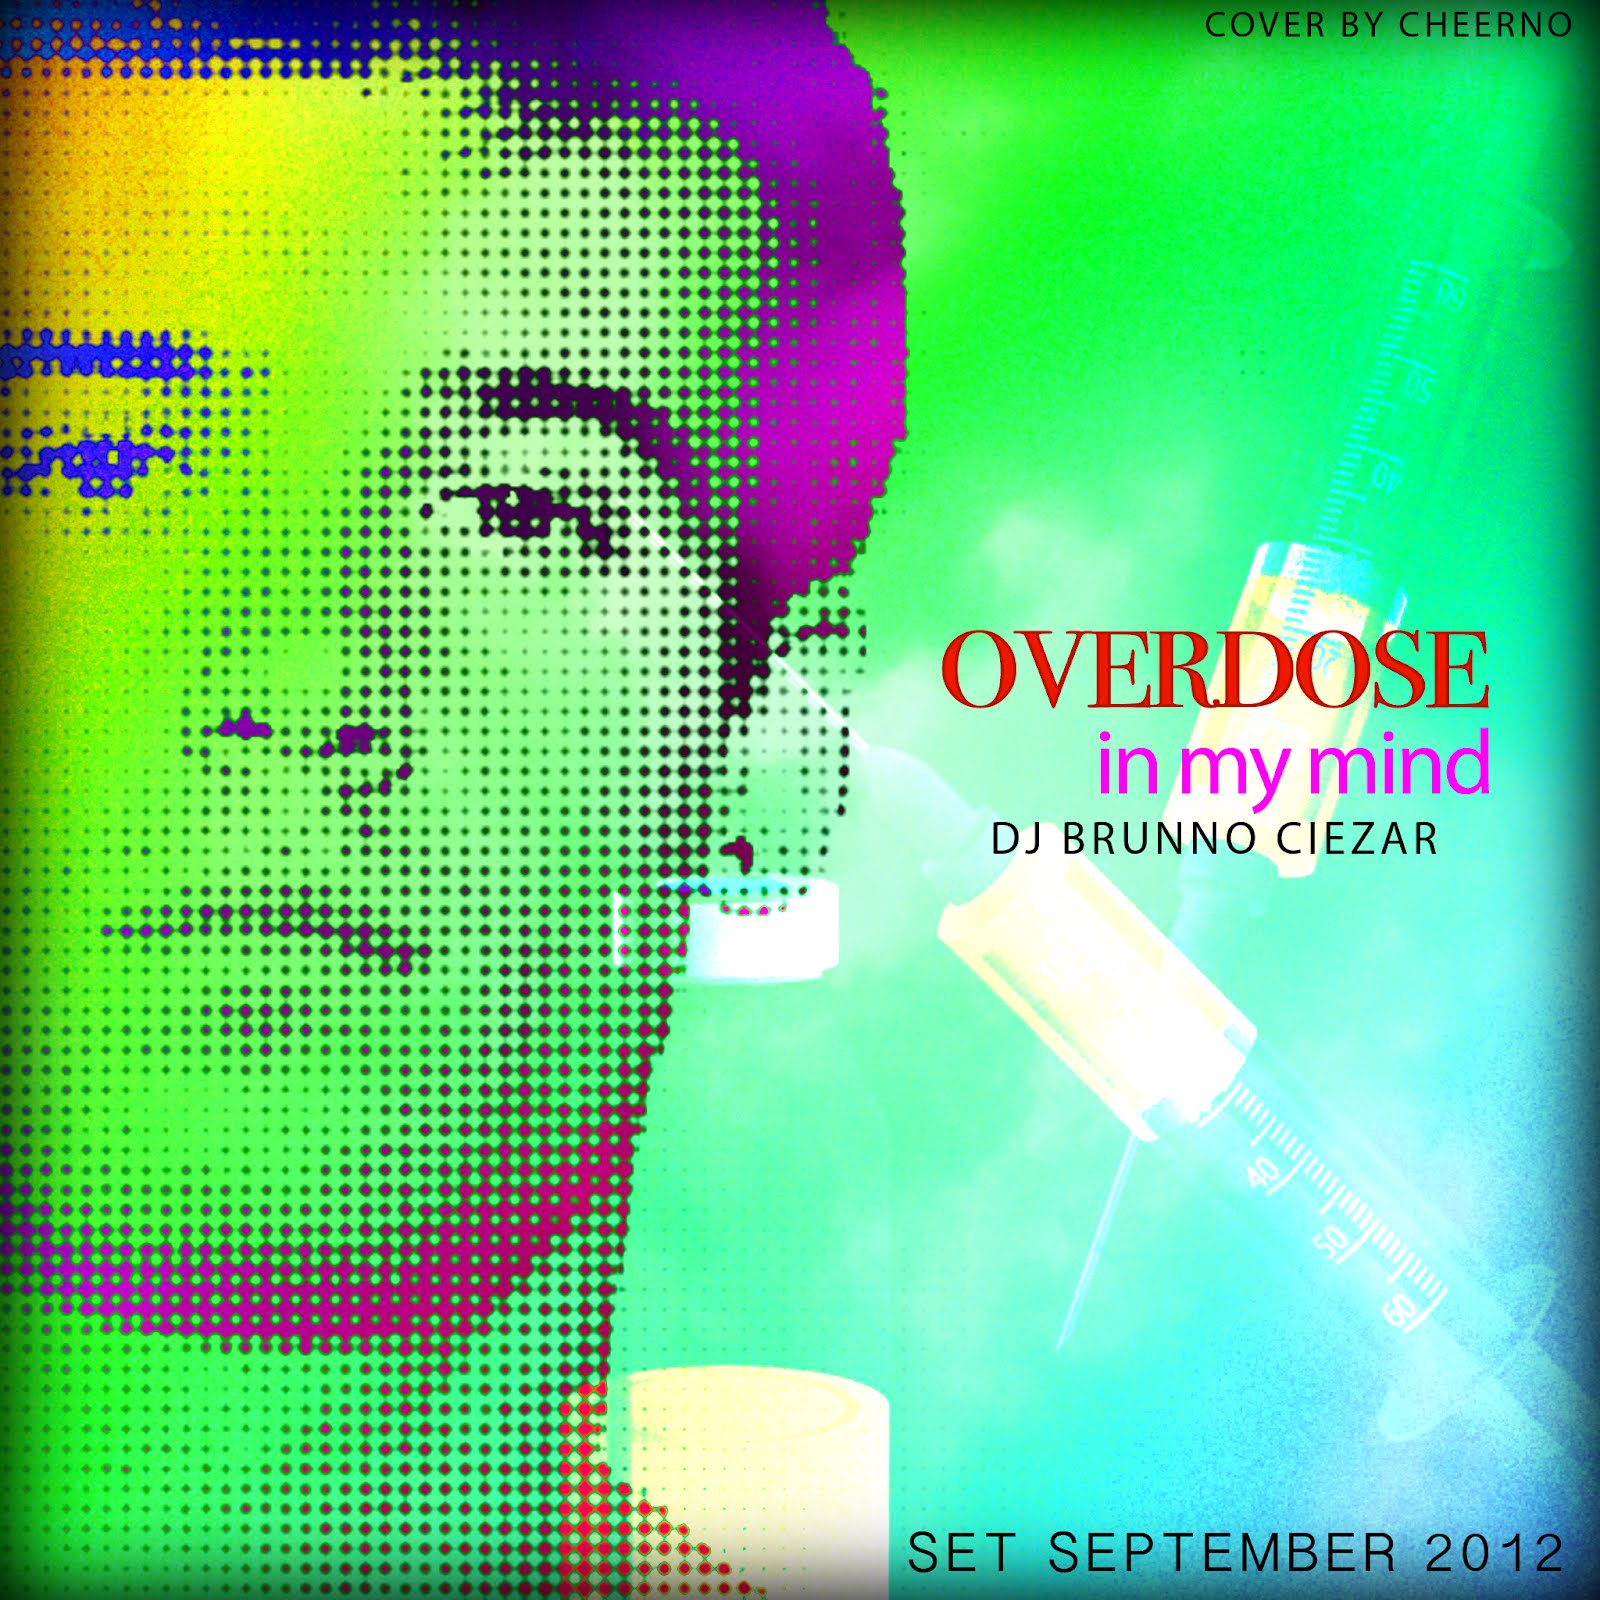 DJ Brunno Ciezar - OVERDOSE In My Mind